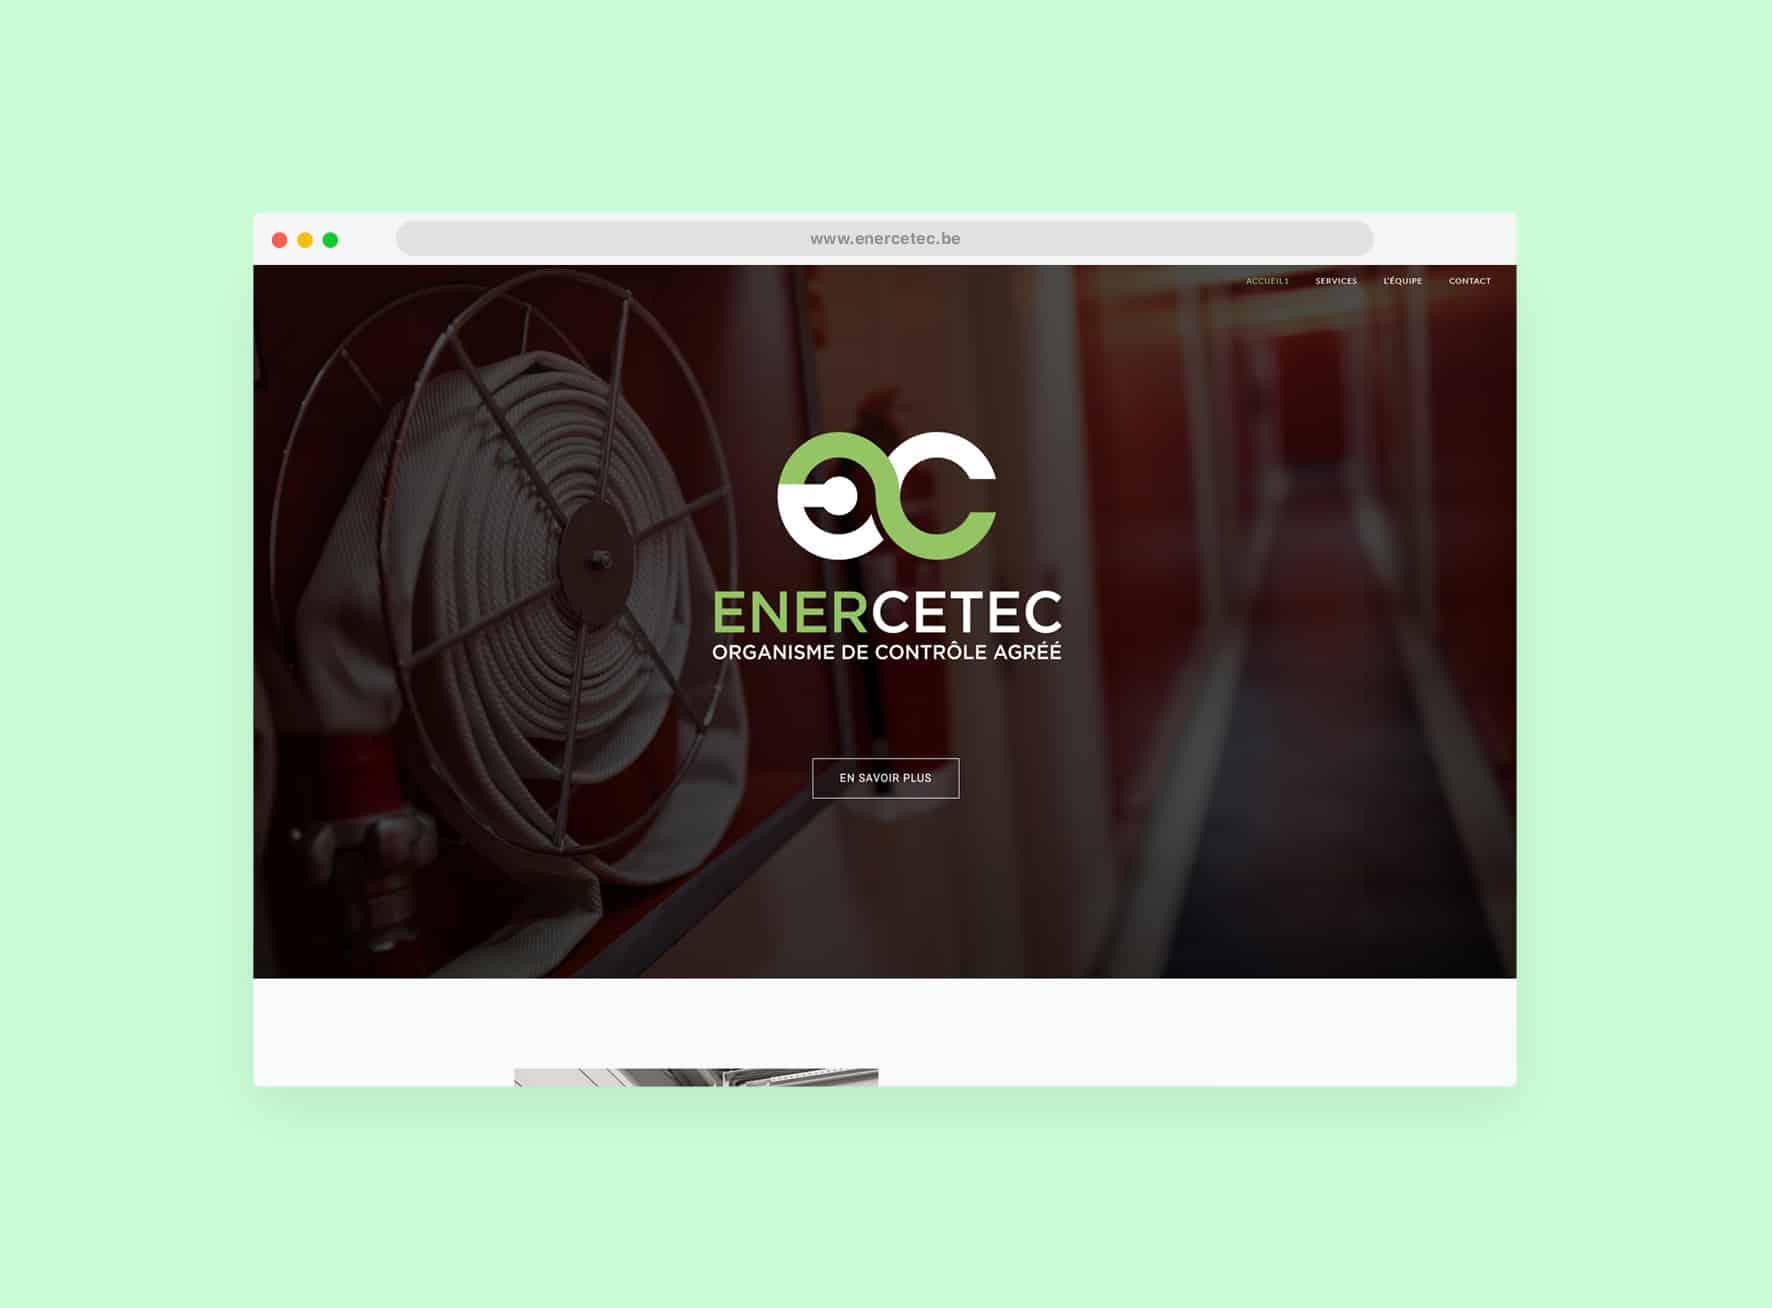 ENERCETEC